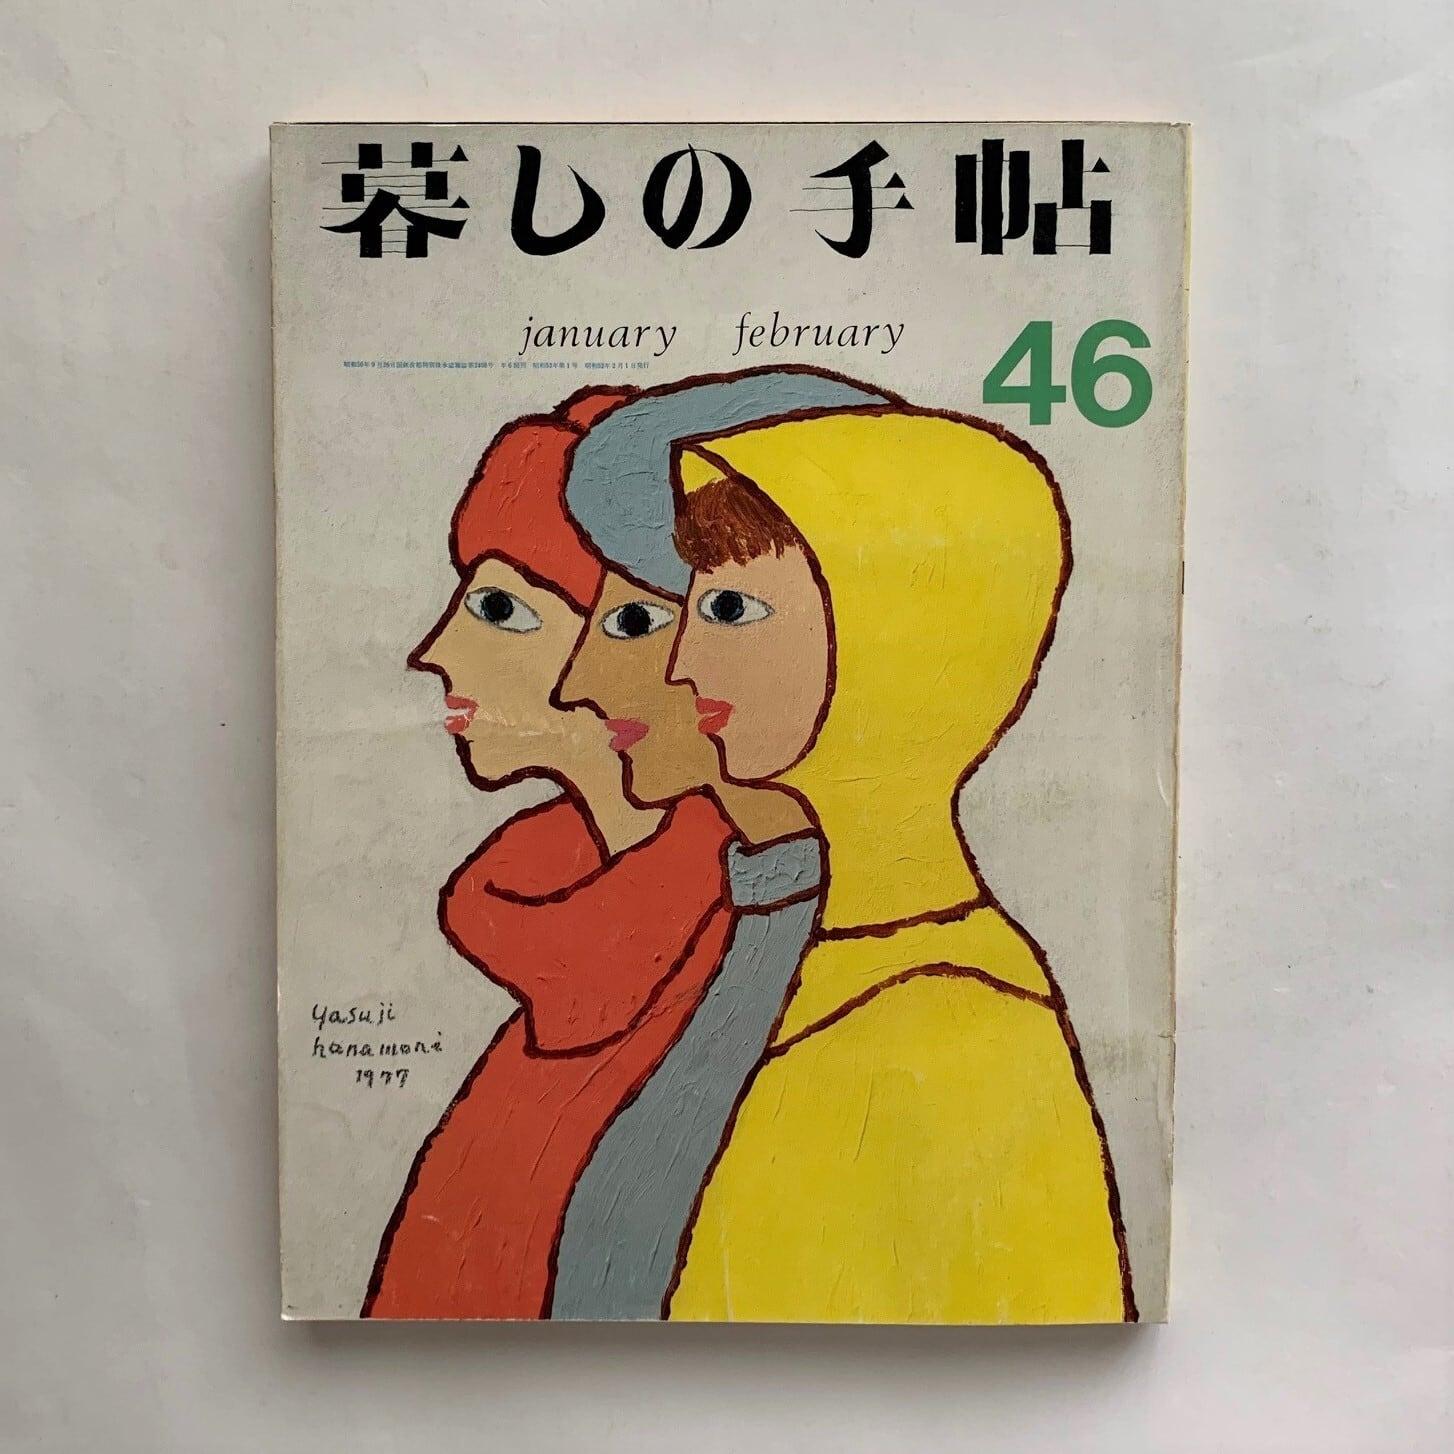 暮しの手帖 / 第2世紀46号 / 暮しの手帖社